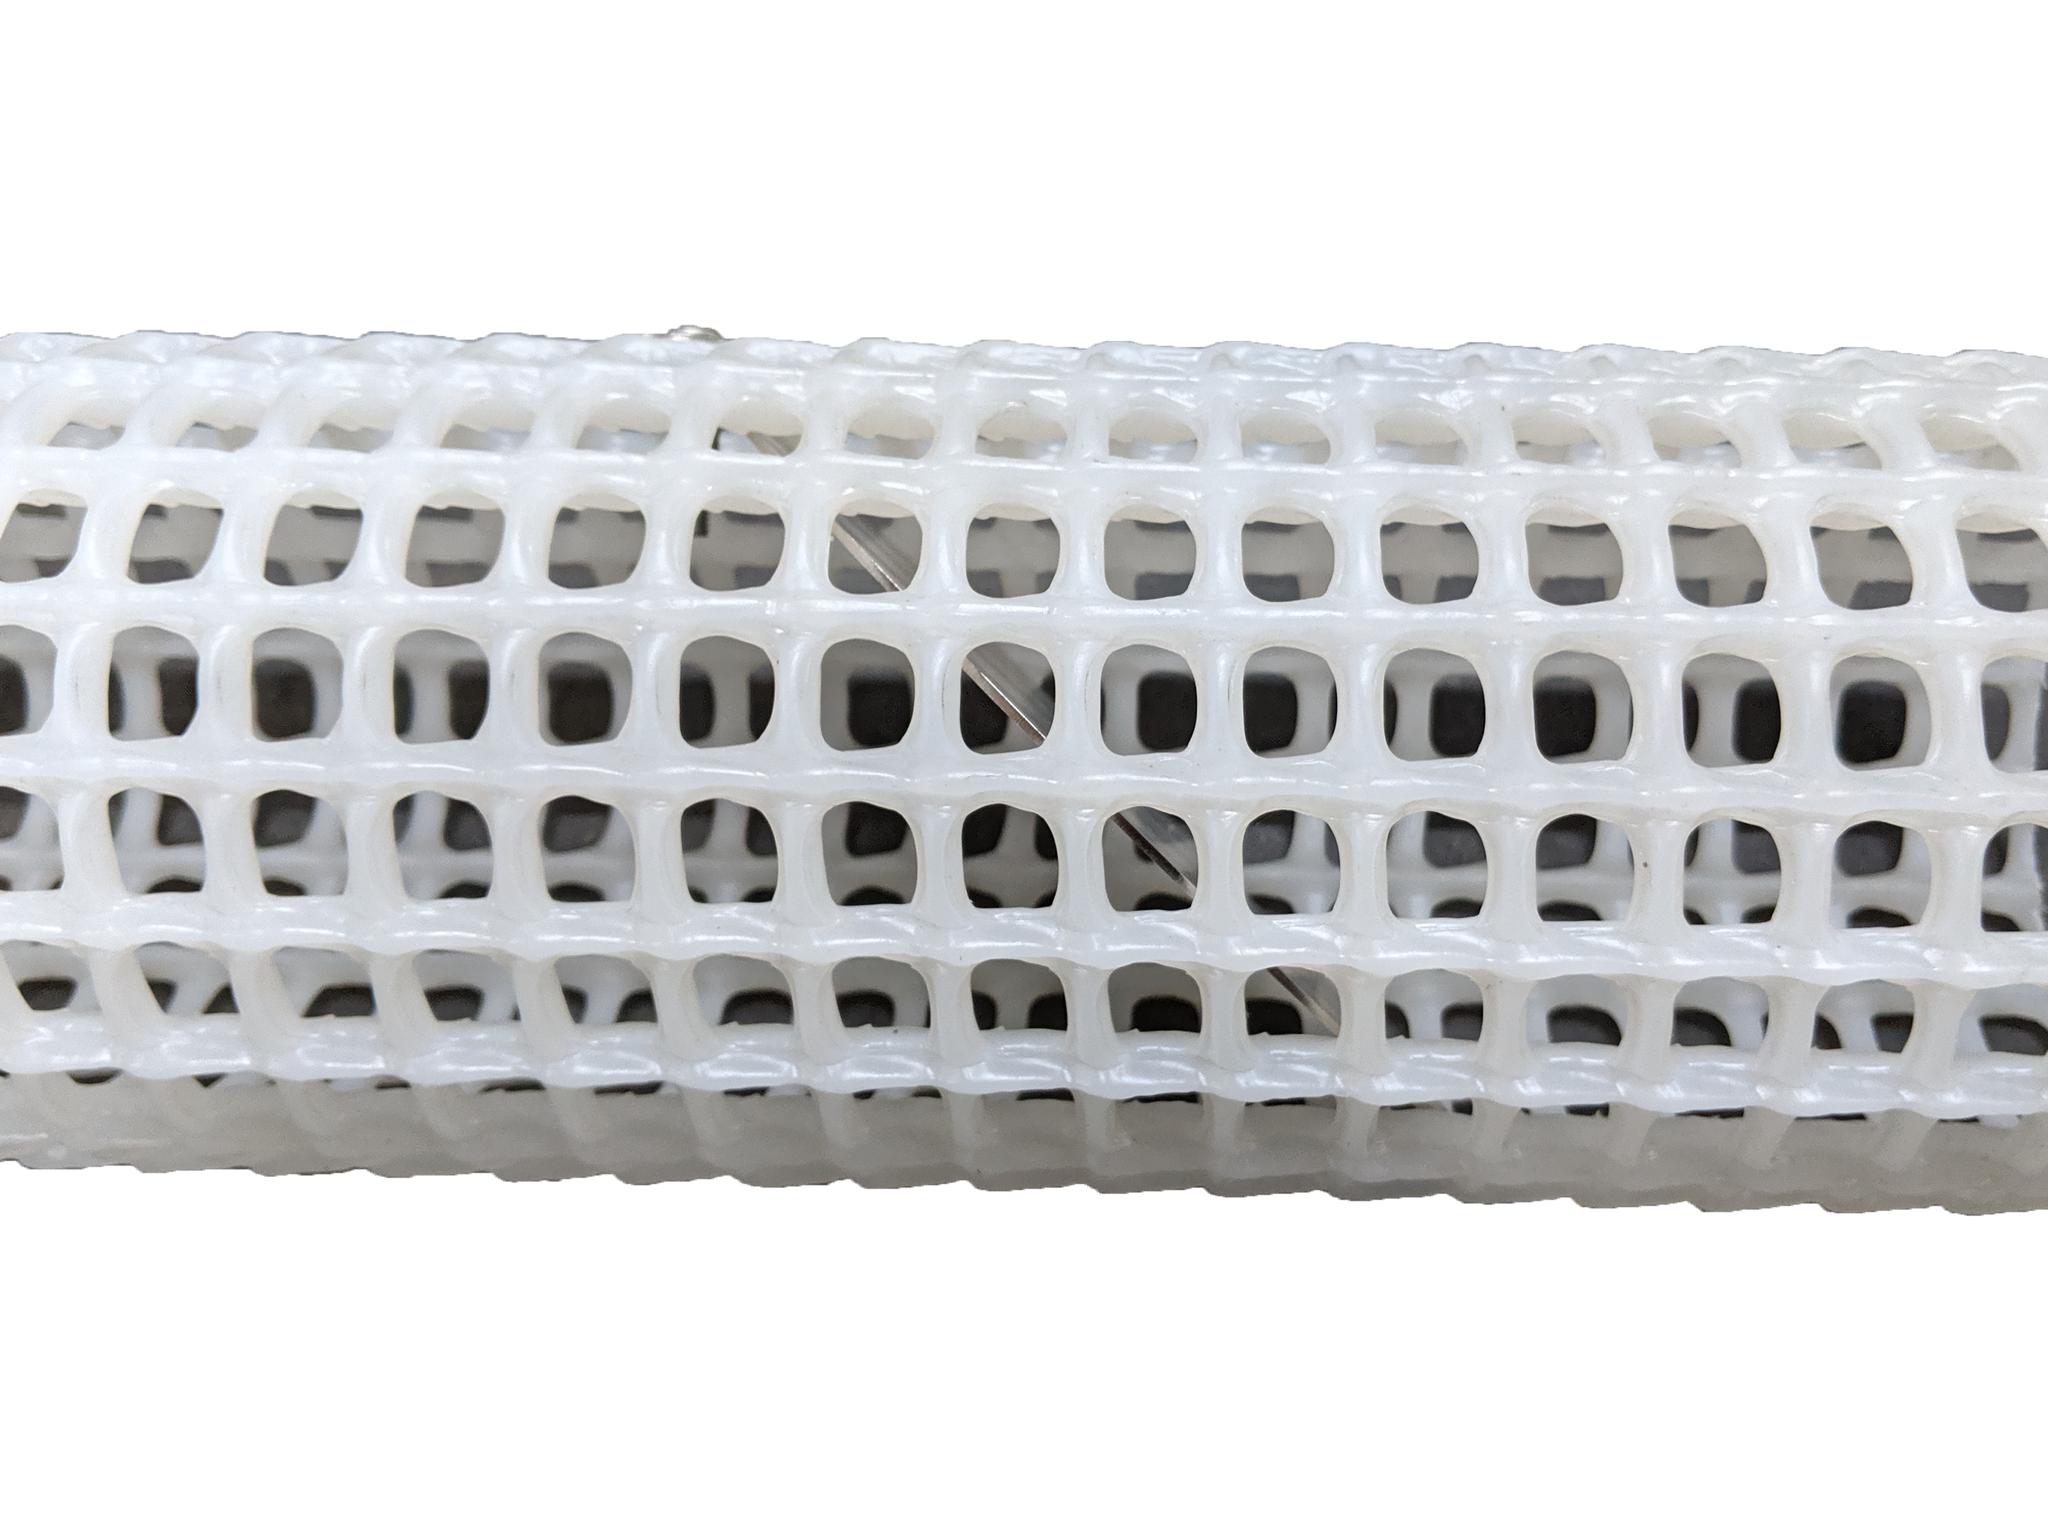 Prallblech für Kunststoff Filtersiebrohr 110mm